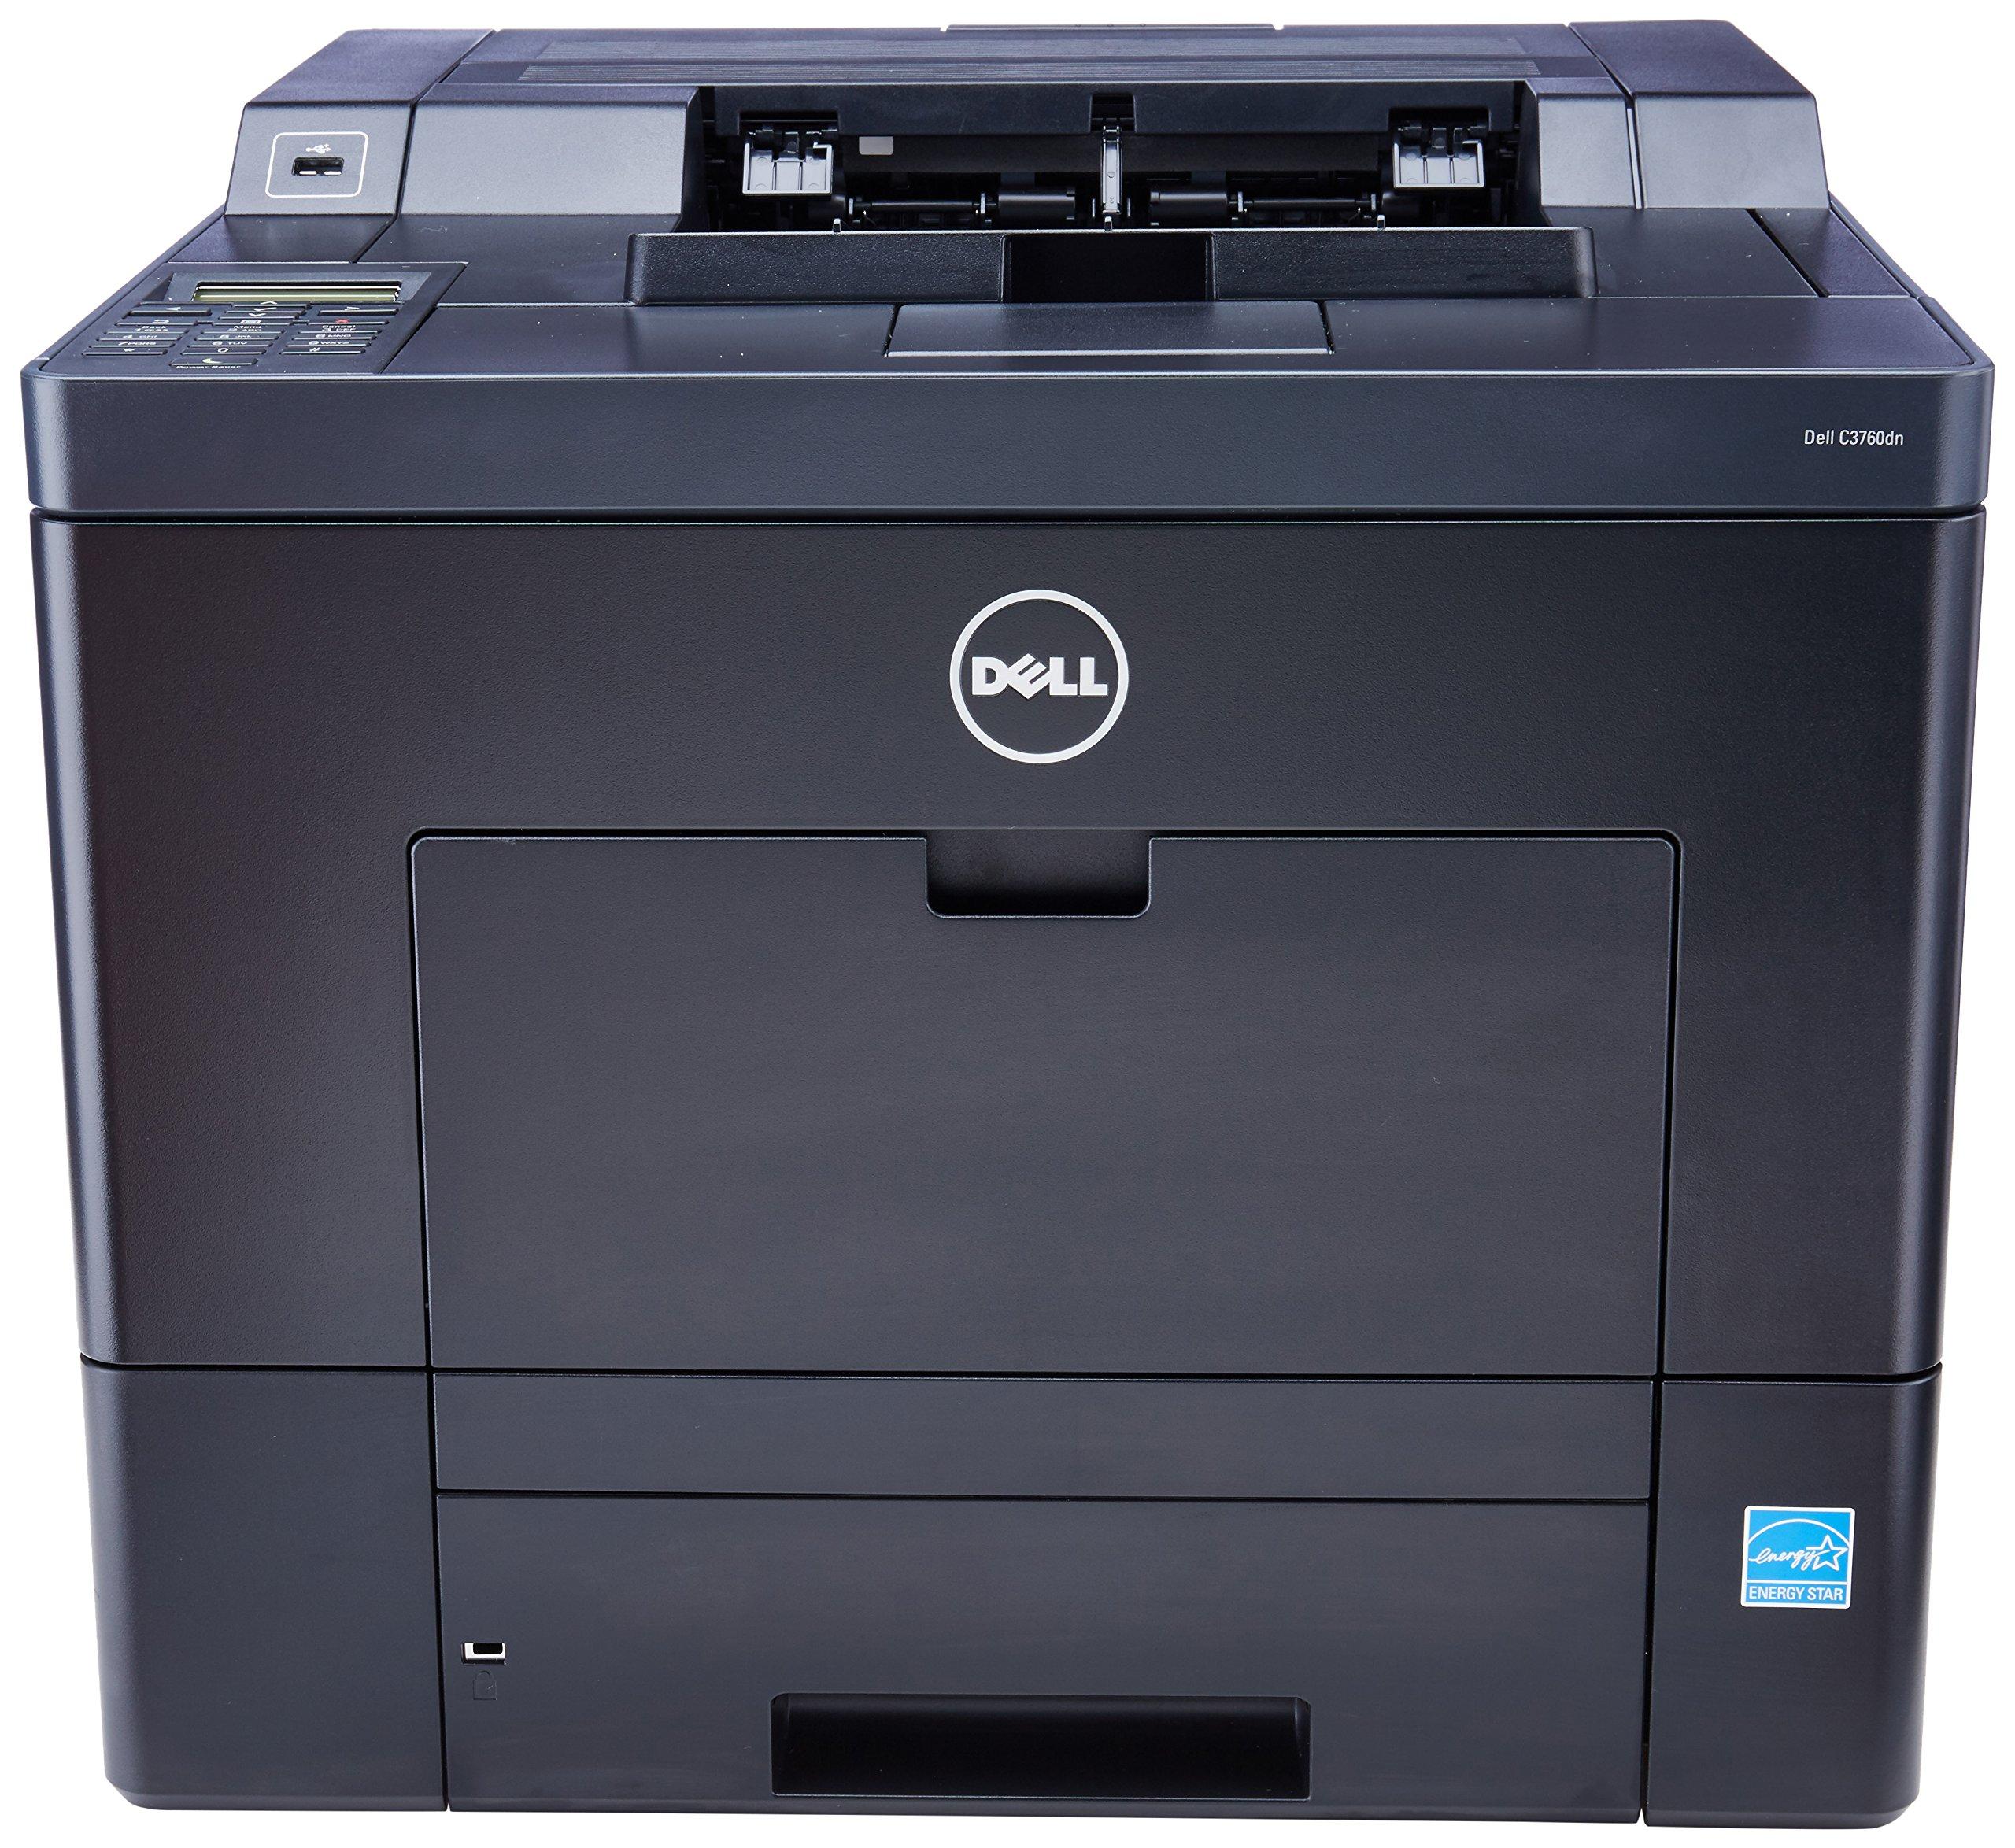 Dell Computer C3760dn Color Printer by Dell (Image #2)